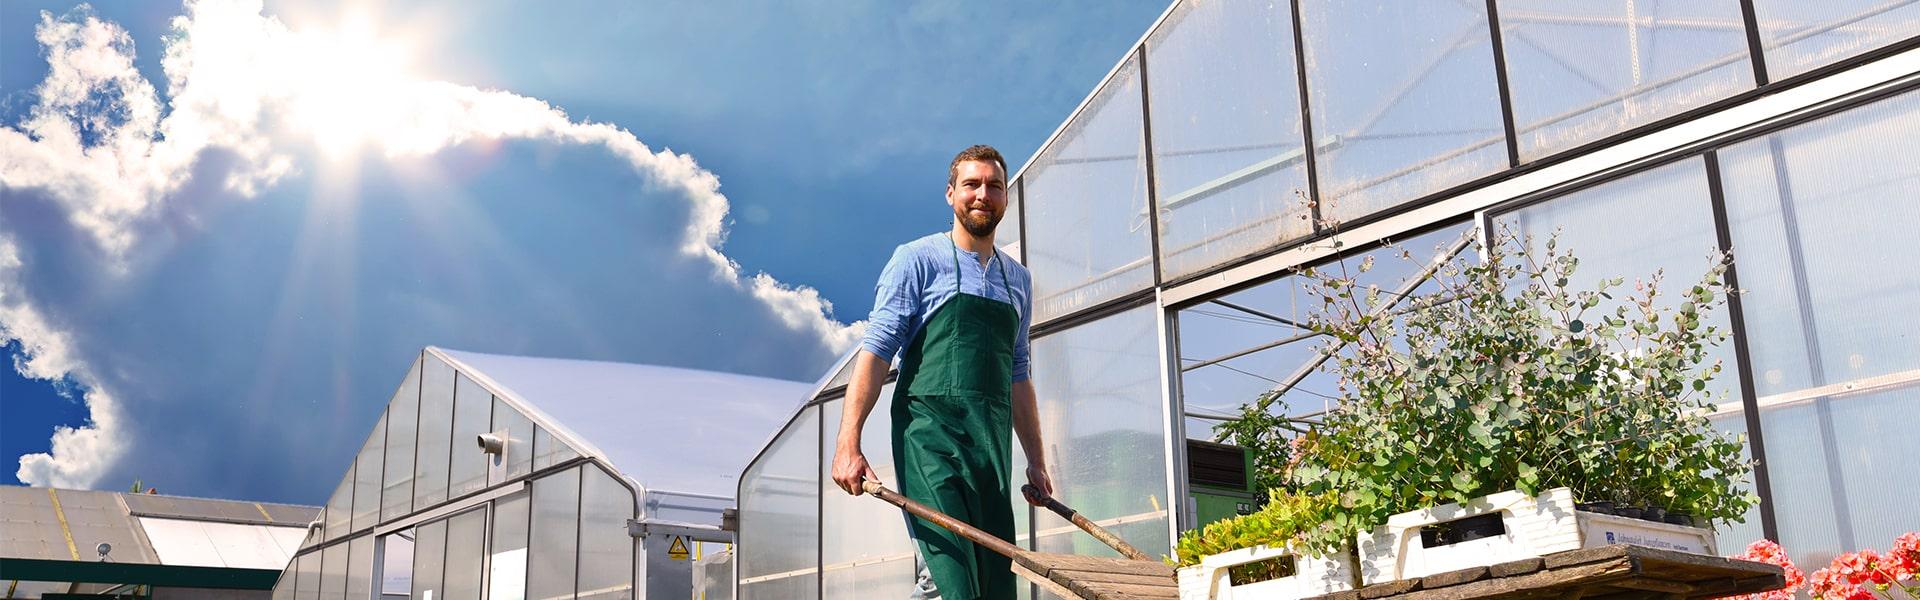 FVG SUN SAVER EVO AC® Gewächshausfolie Gärtner mit Schubkarre vor Gewächshäusern